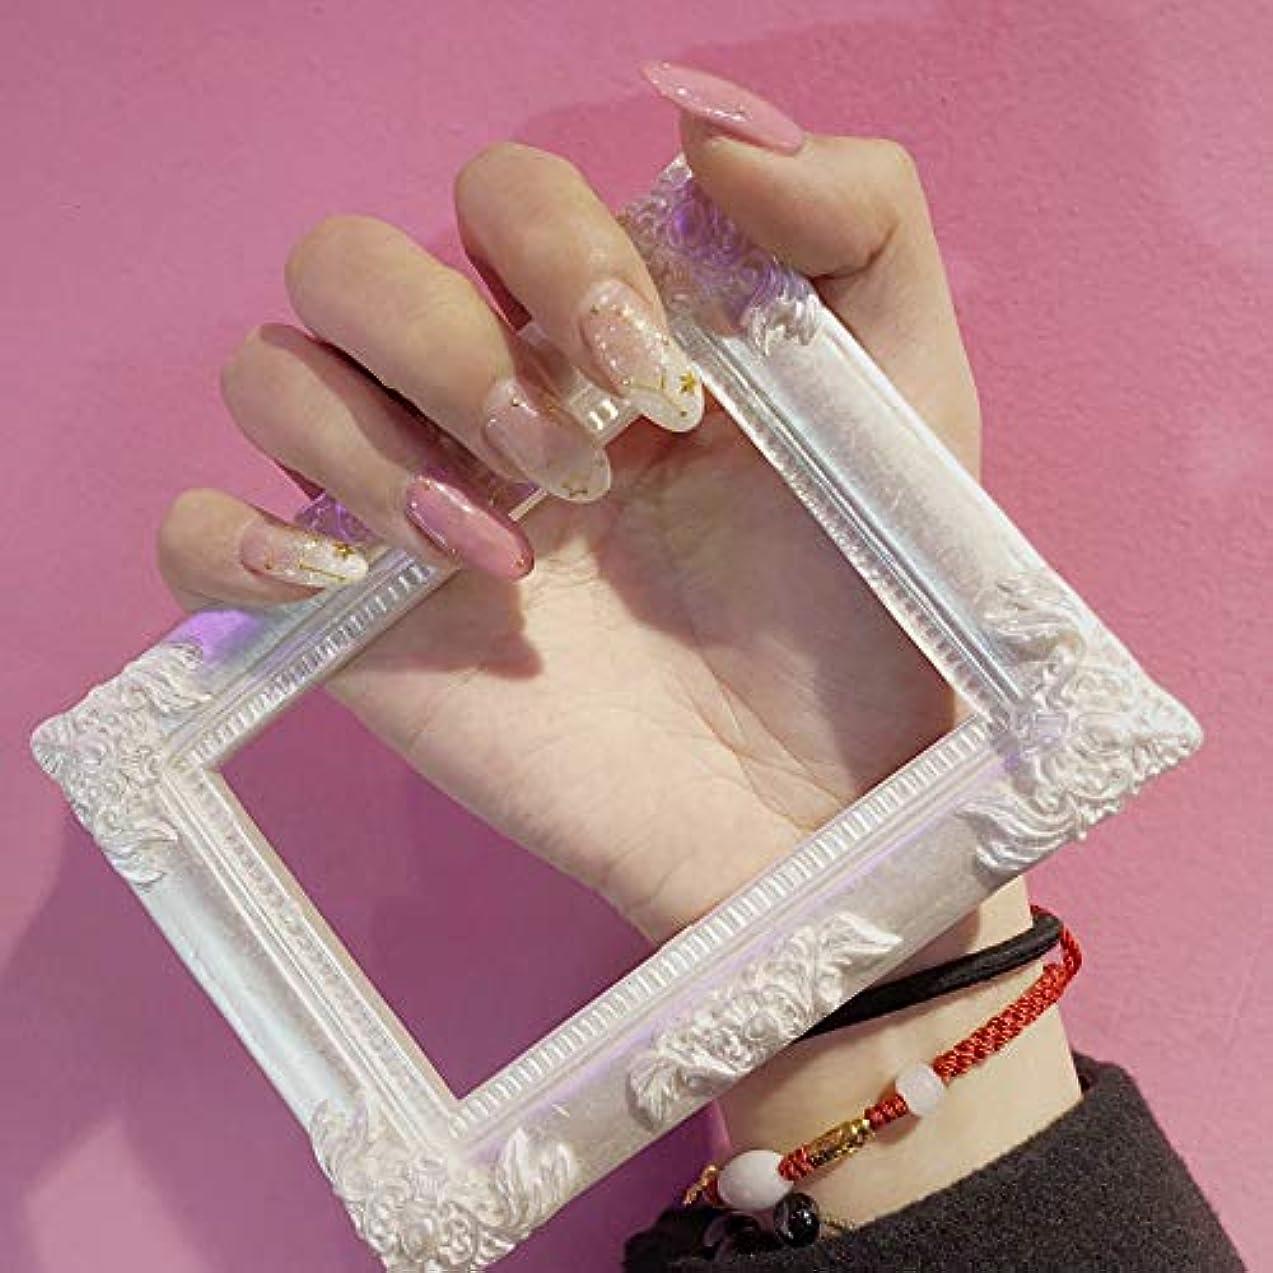 然としたわかる質量24Pcs 美しい女の子 ネイルアート ins流行 手作りネイルチップ 暈し染め 可愛い優雅ネイル